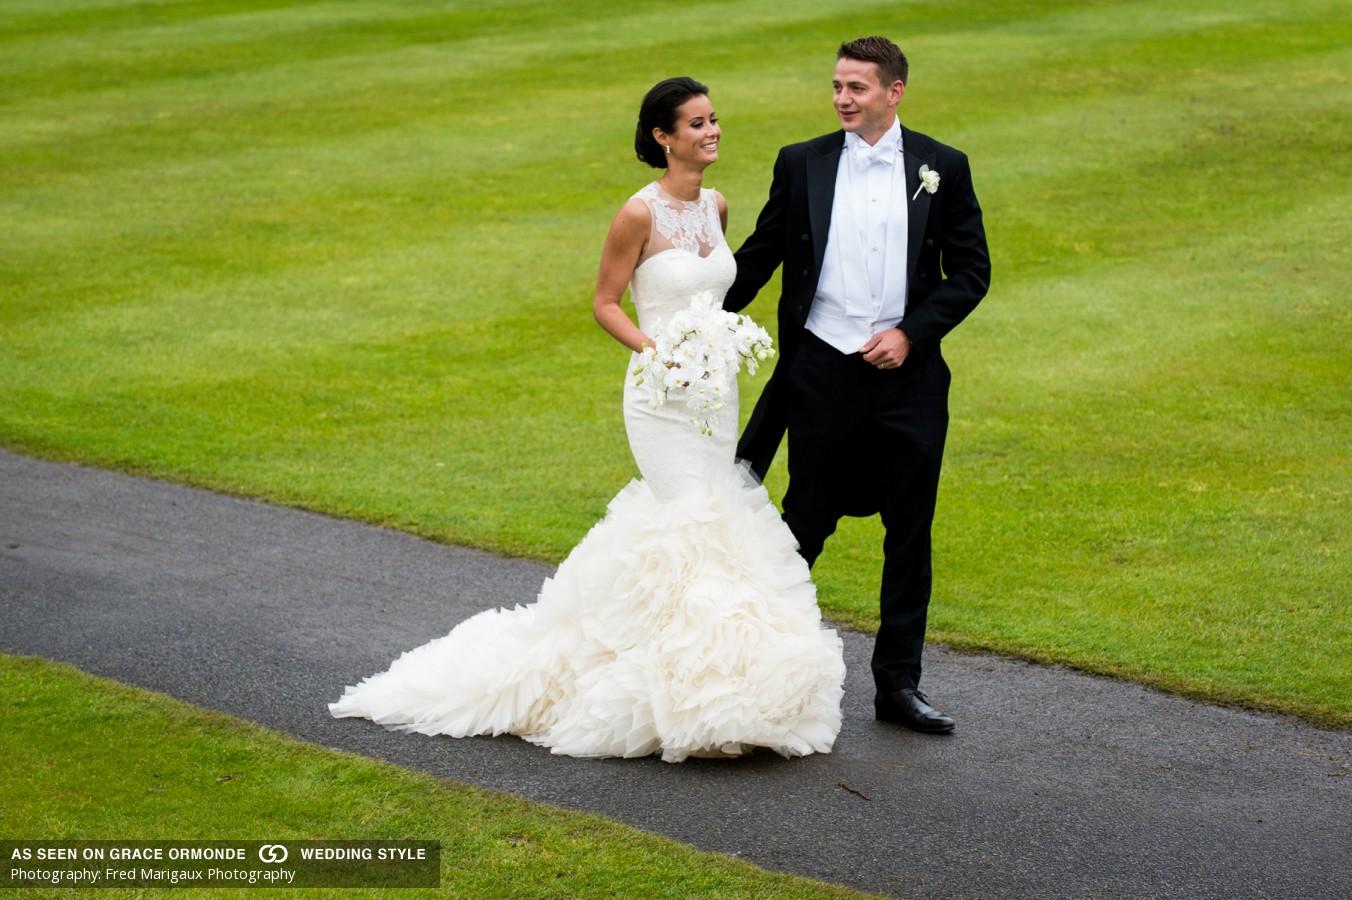 fred-marigaux-wedding-2016-ireland-12.jpg